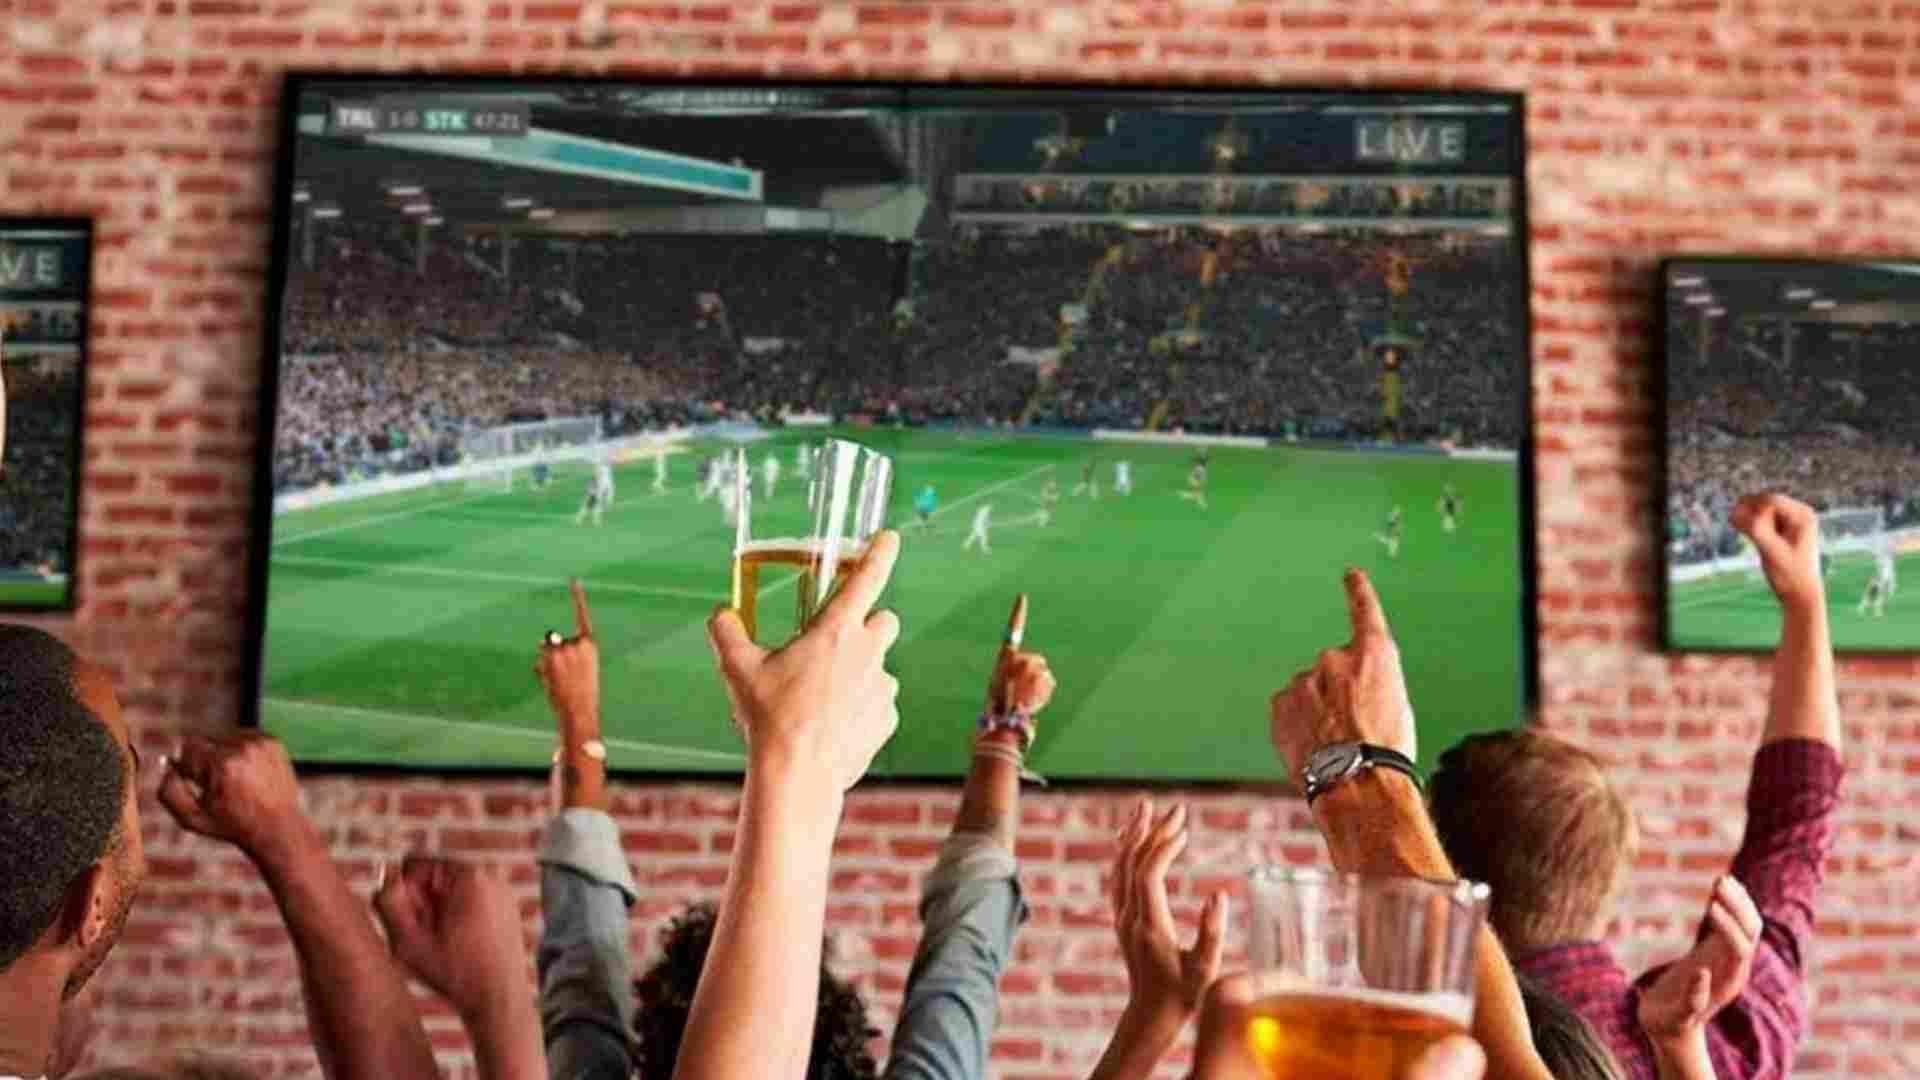 Un grupo de aficionados durante un partido de futbol